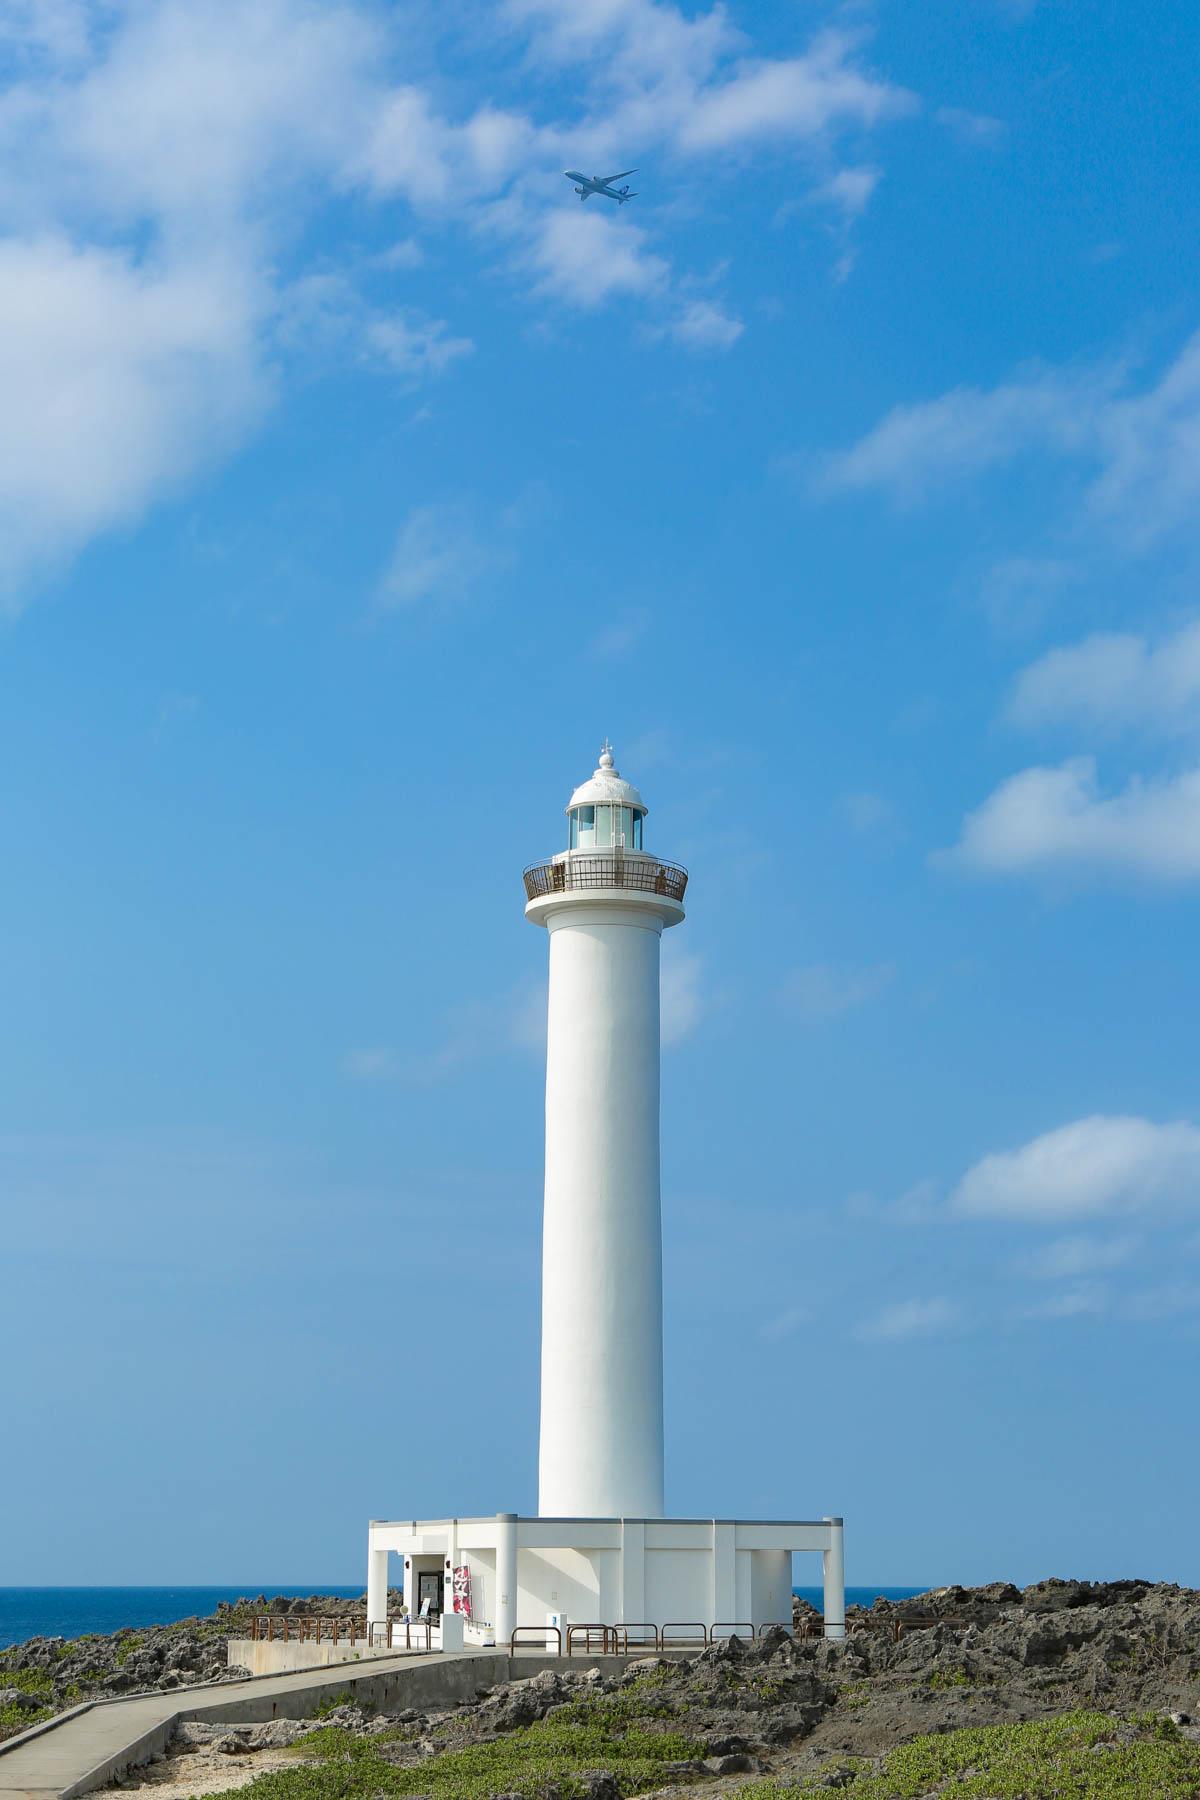 残波岬灯台の真上に飛行機が